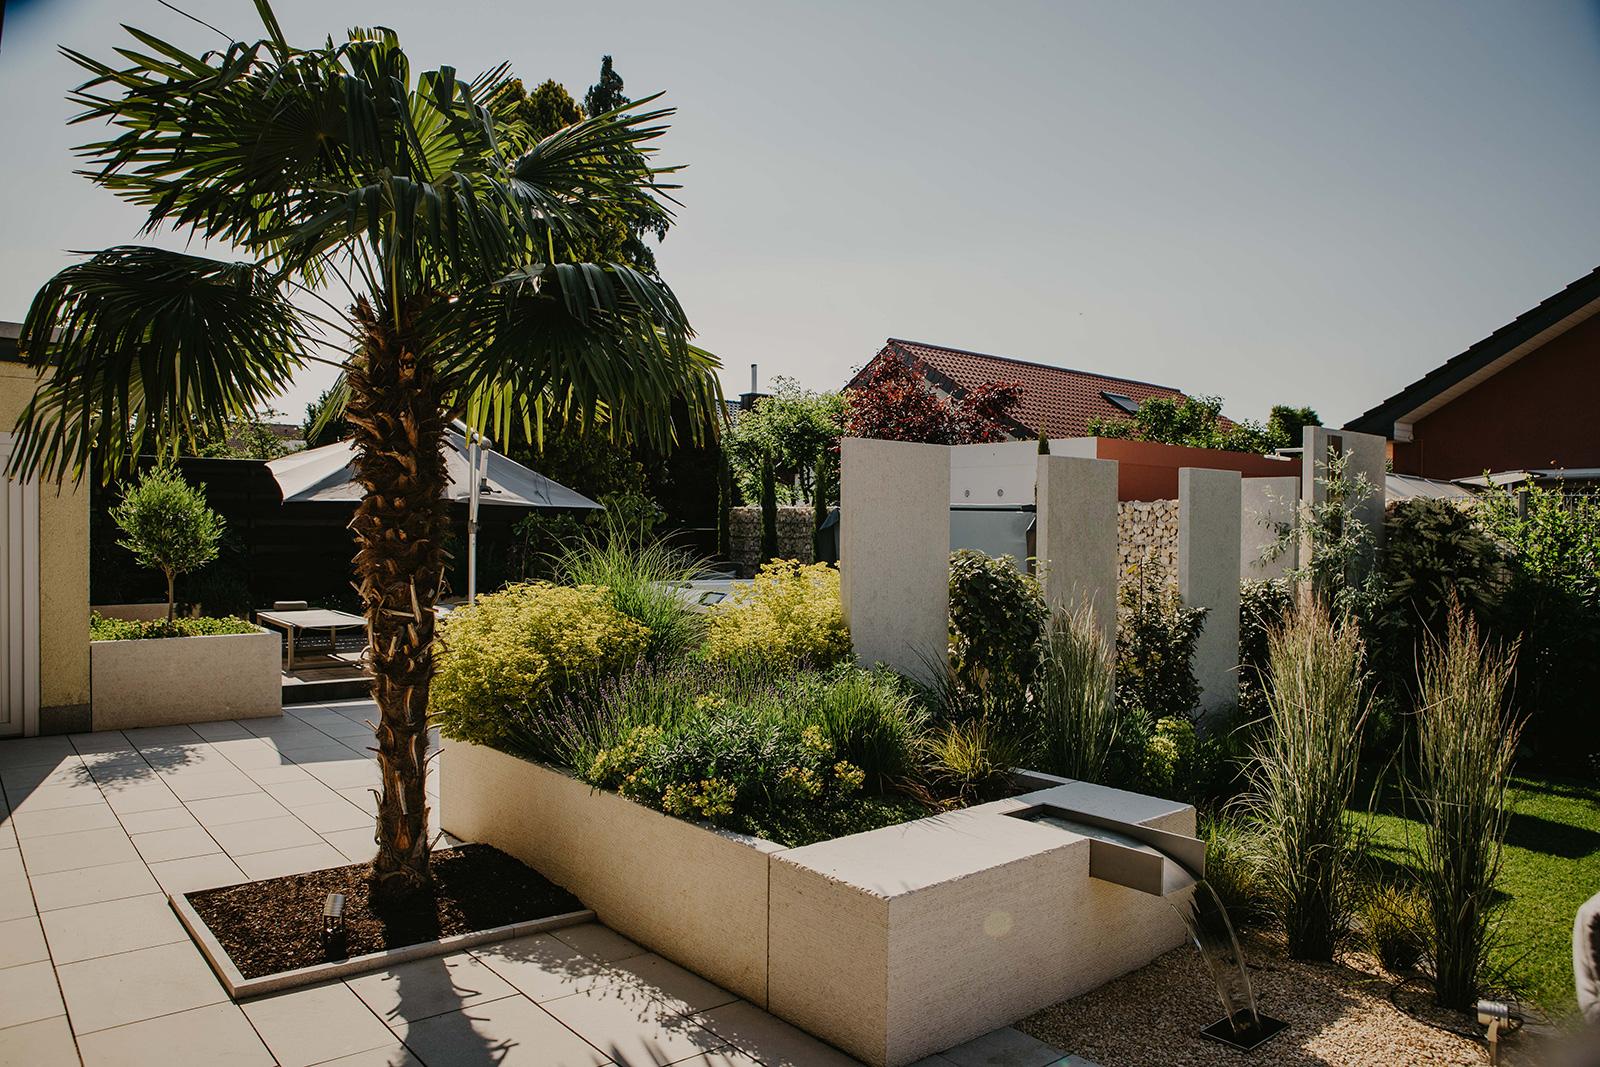 Projekte - Beispiel Garten-Bewässerung